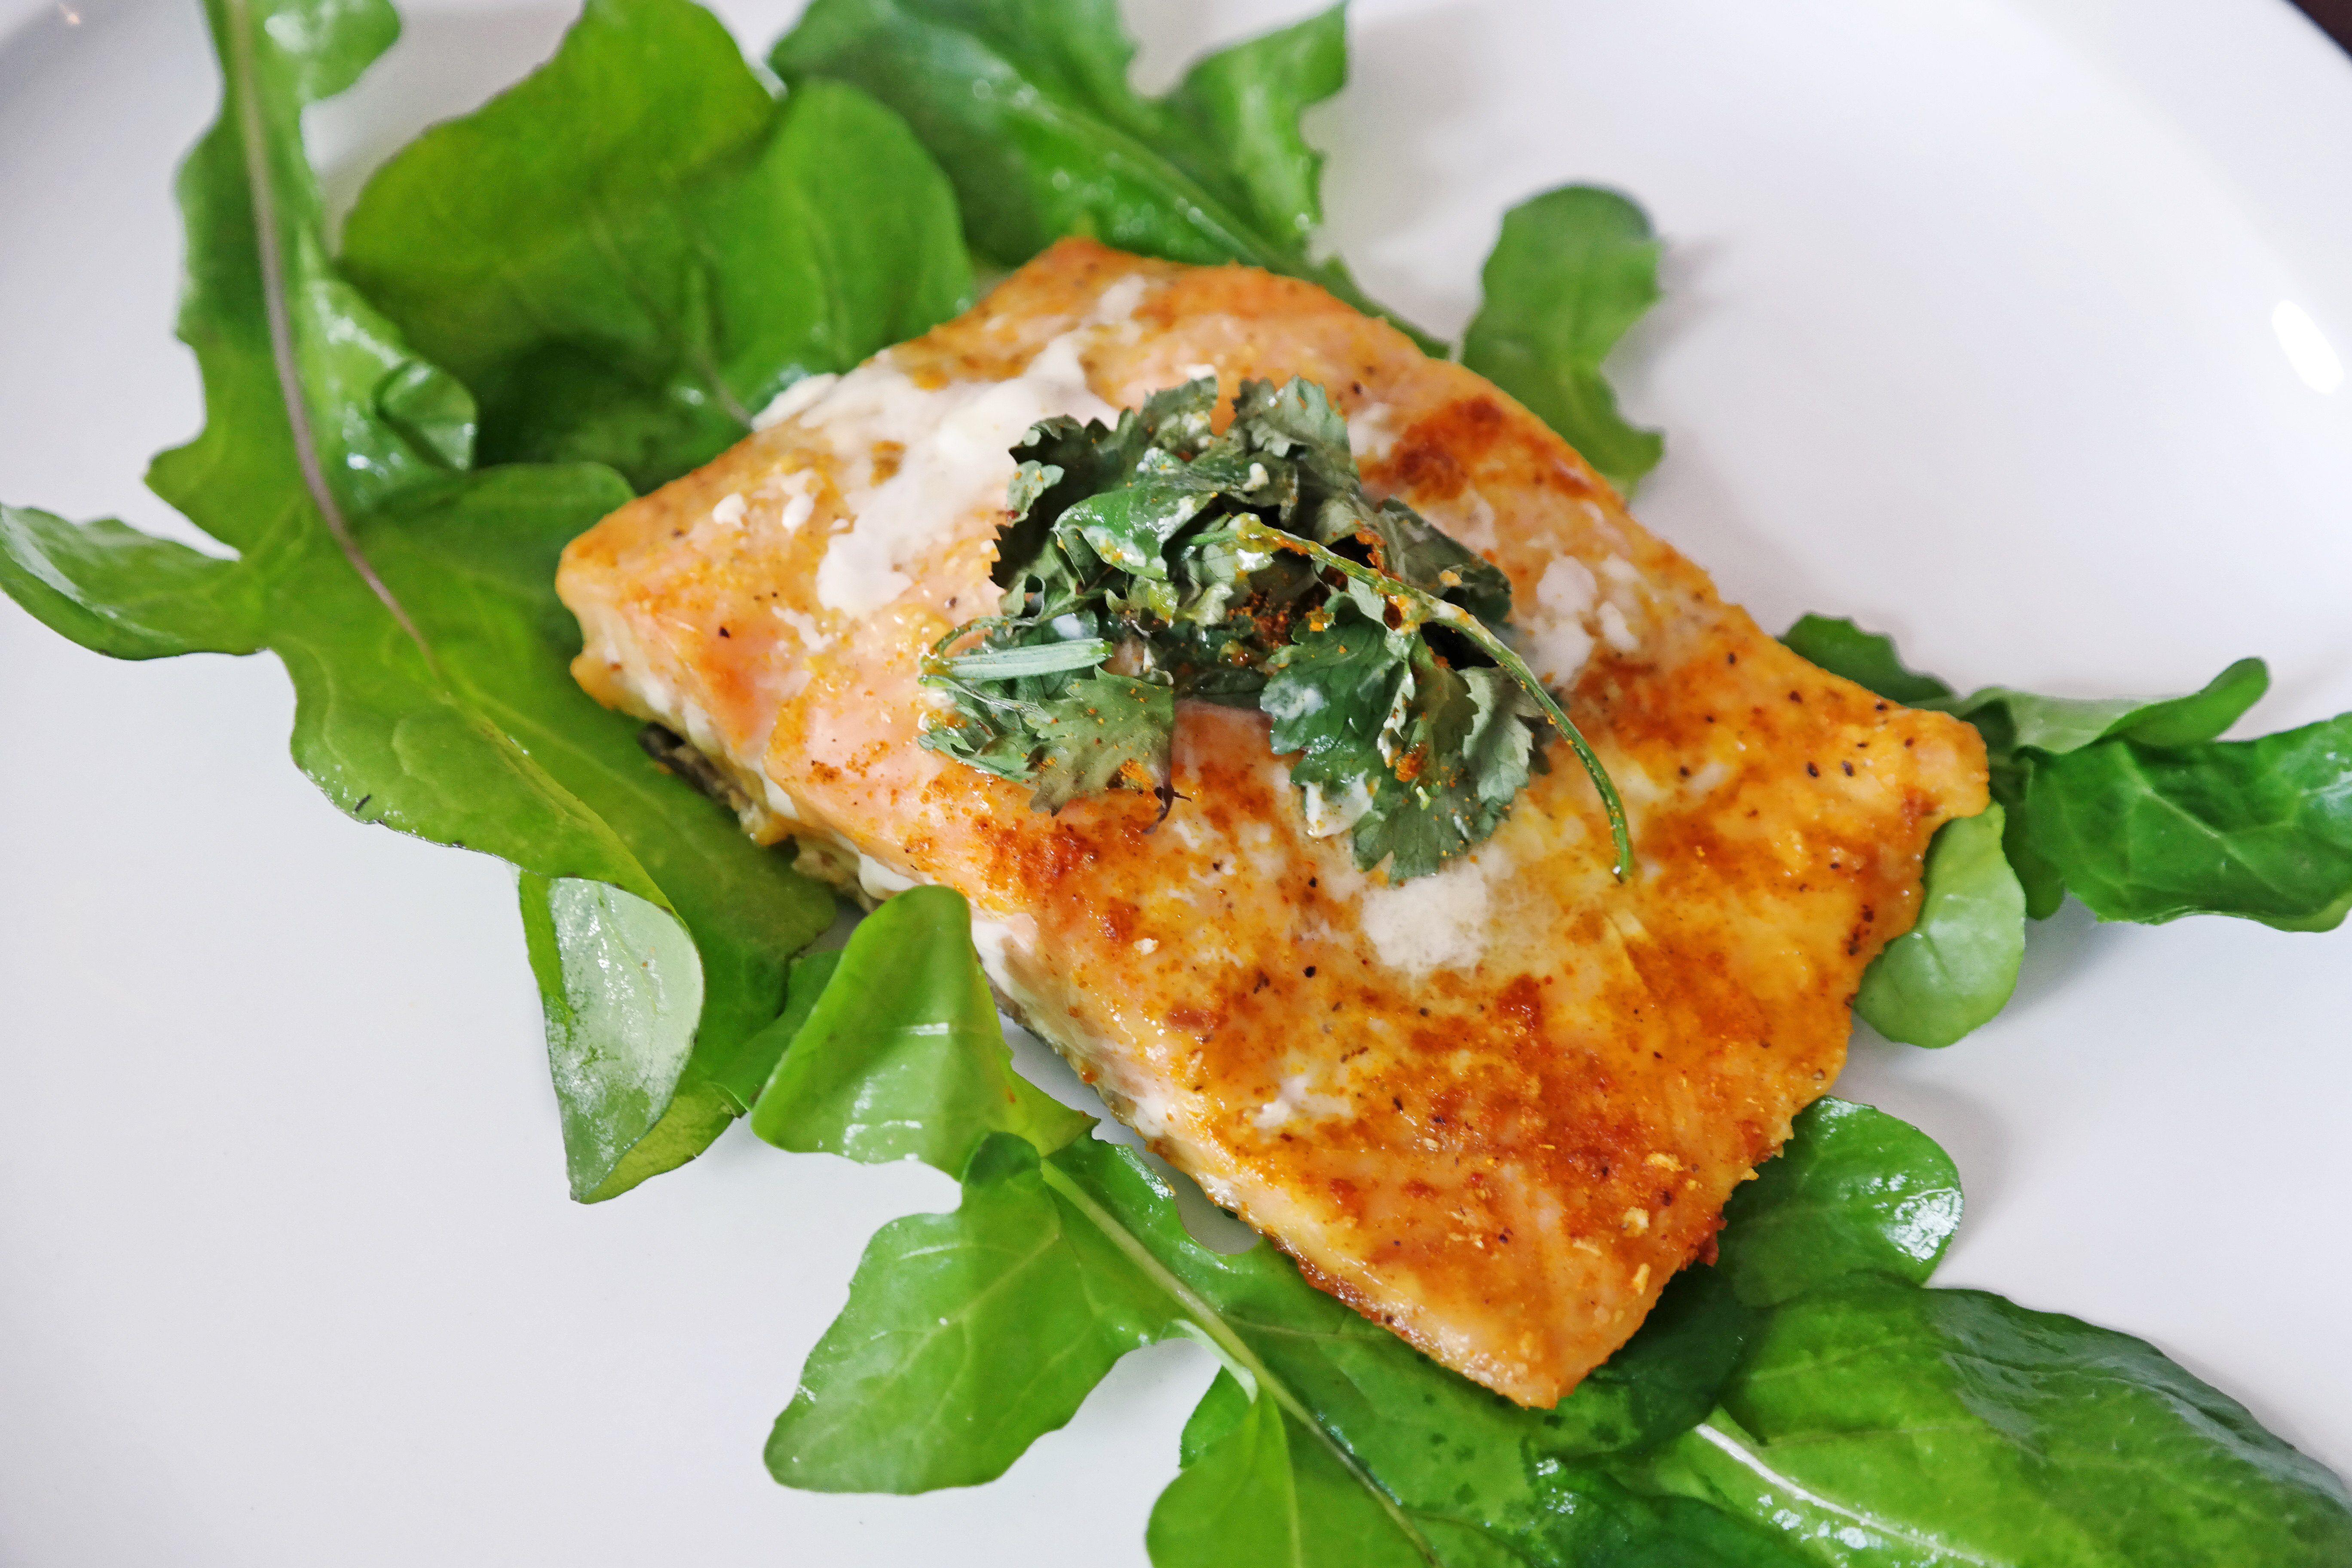 066b1b701ab9714fba0dd308a1492979 - How To Get Rid Of Fishy Taste In Salmon